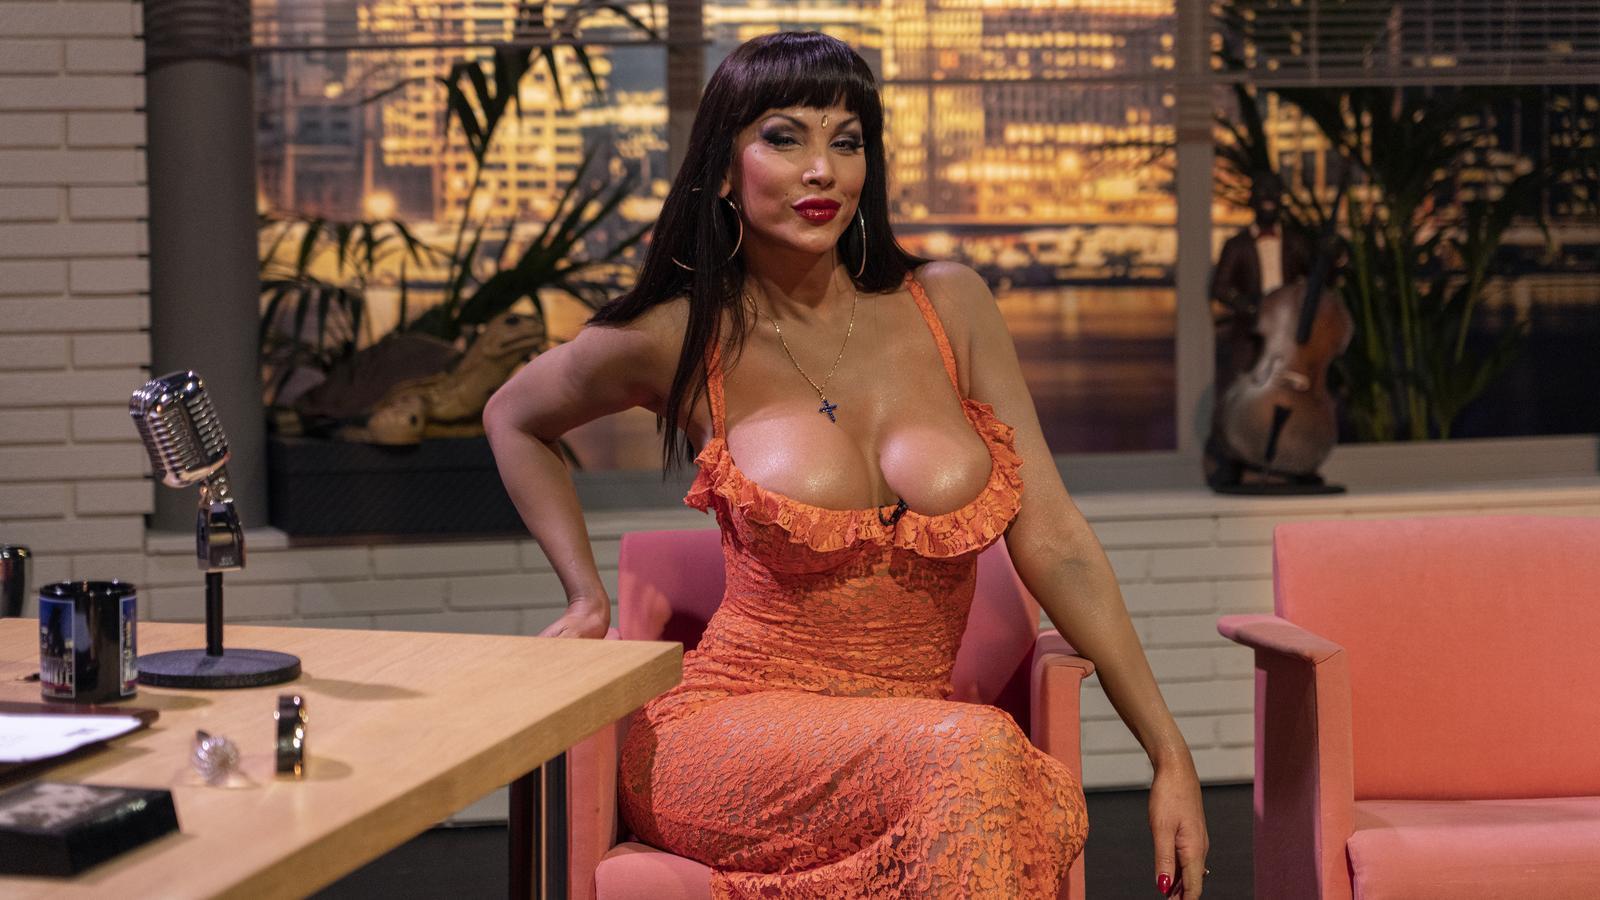 Daniela Santiago és una de les actrius que interpreta la Veneno a la sèrie dels Javis